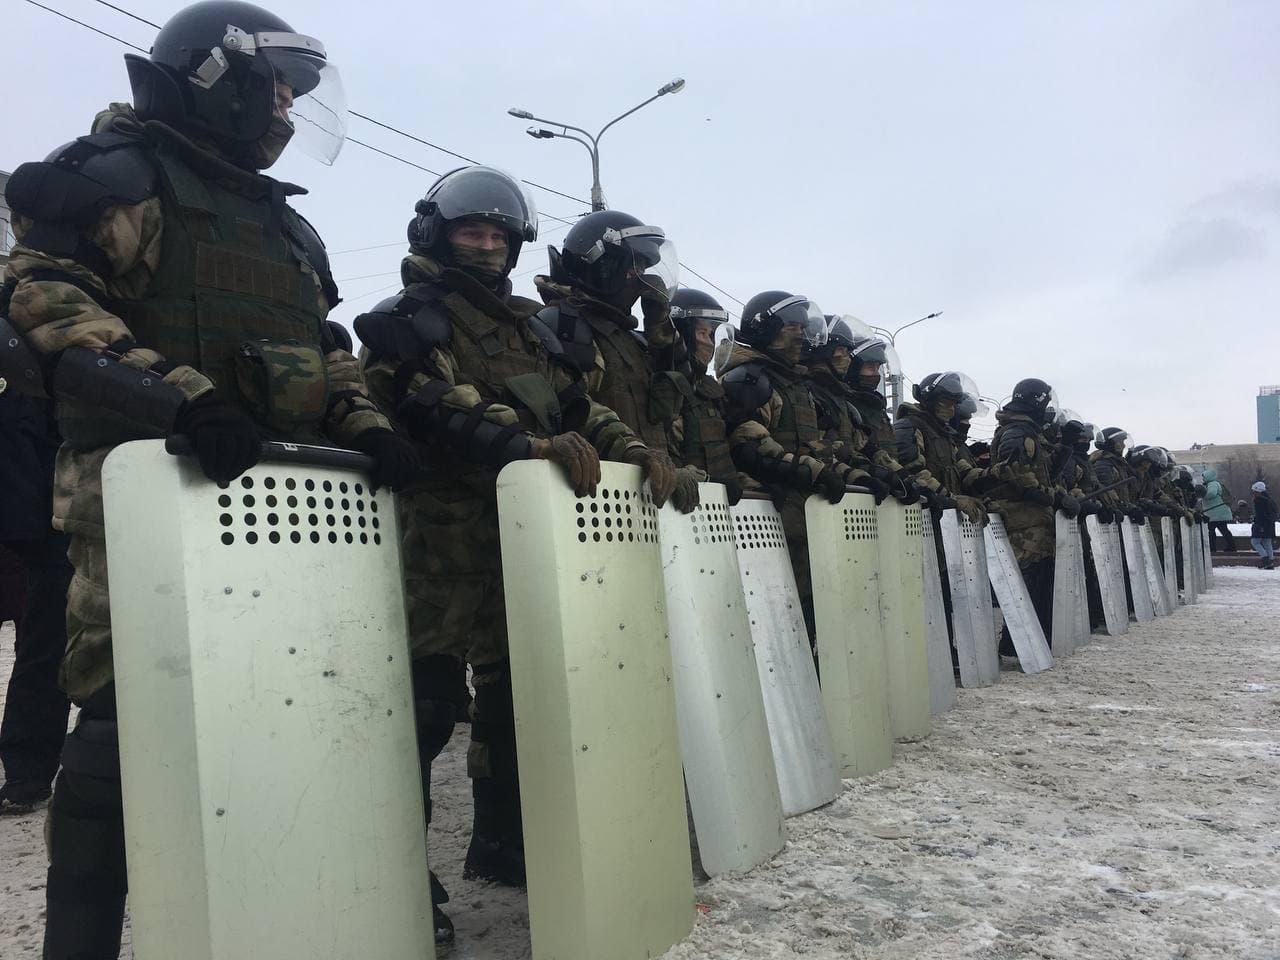 Сотрудники МВД и Росгвардии сыграли со школьниками в «ОМОН и протестующих»